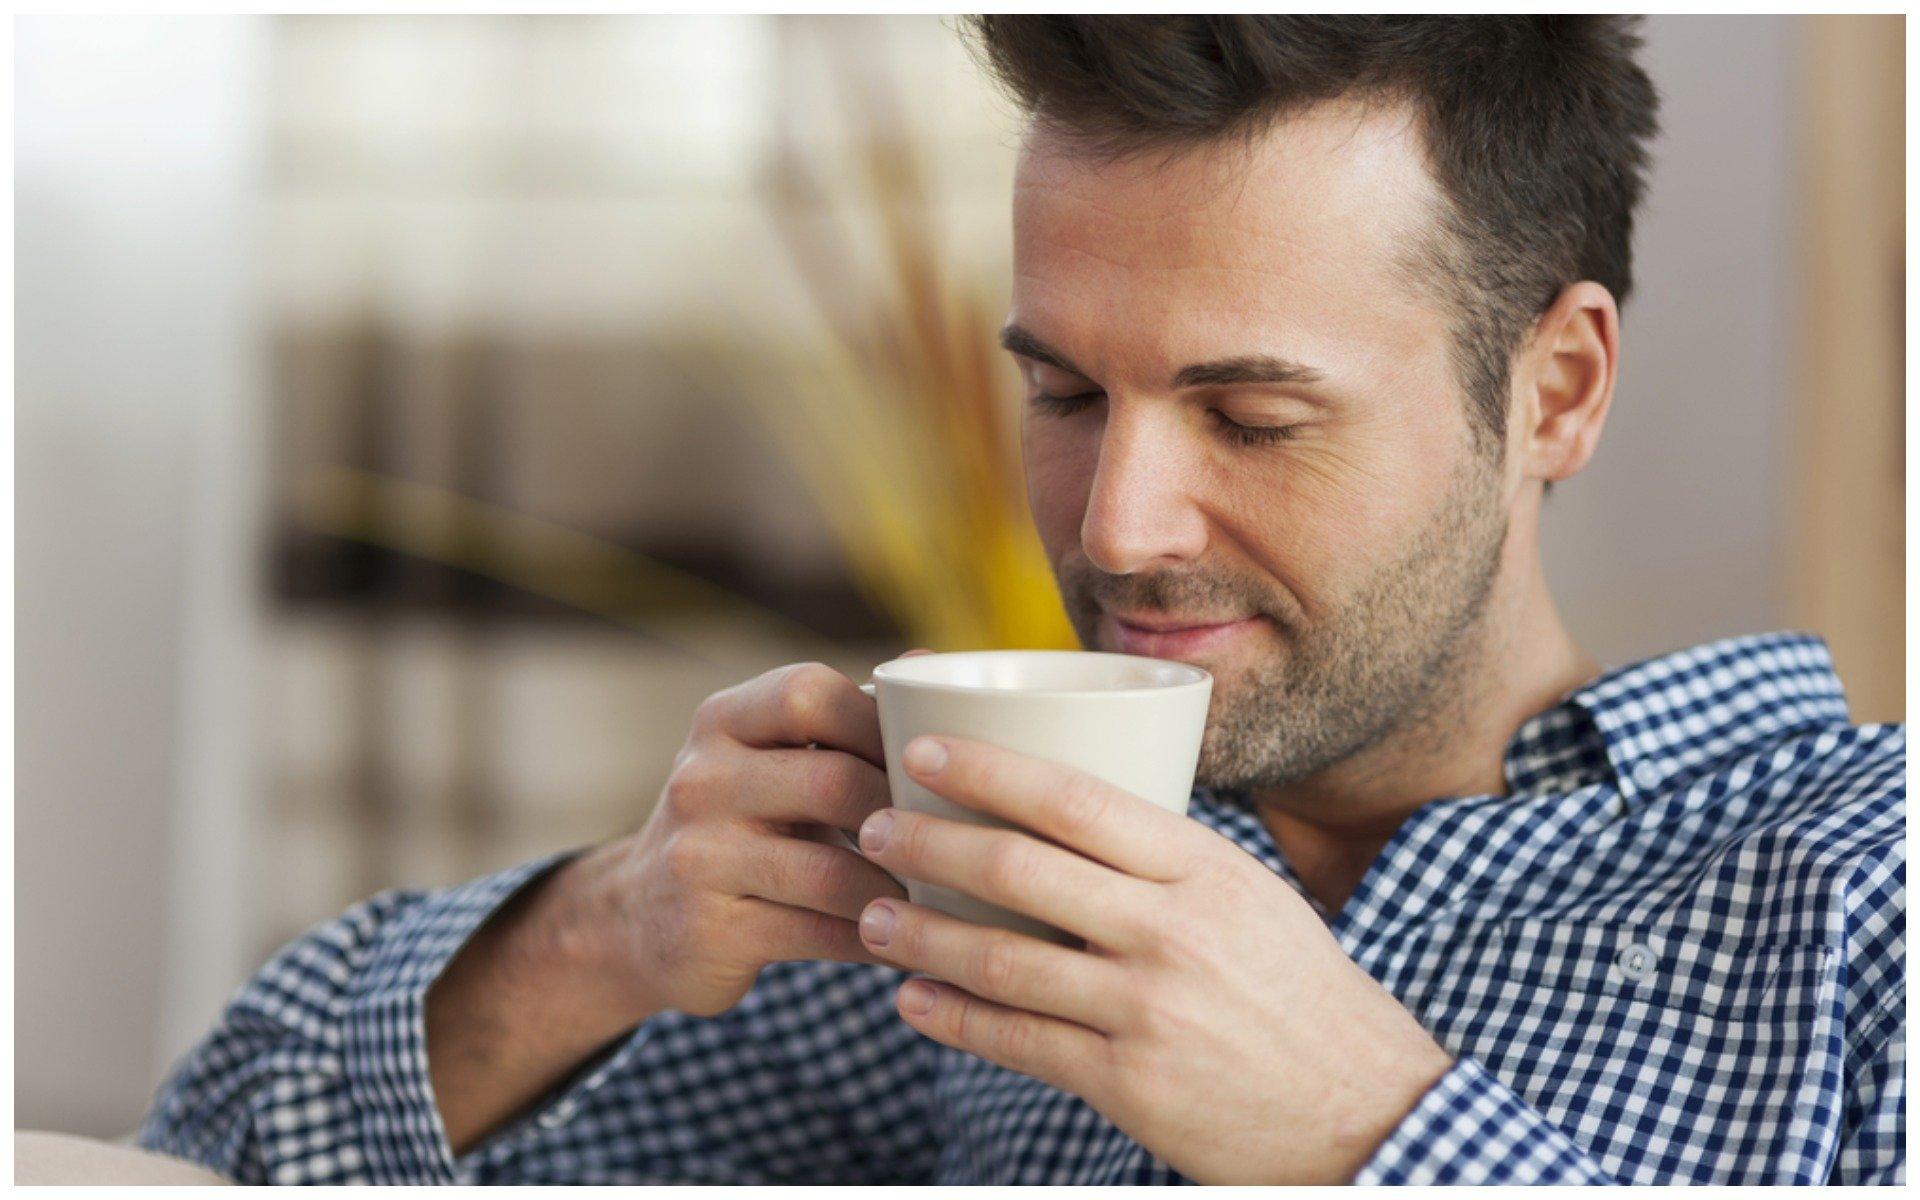 этого человек не хочет пить чай картинки три модификации винтовки